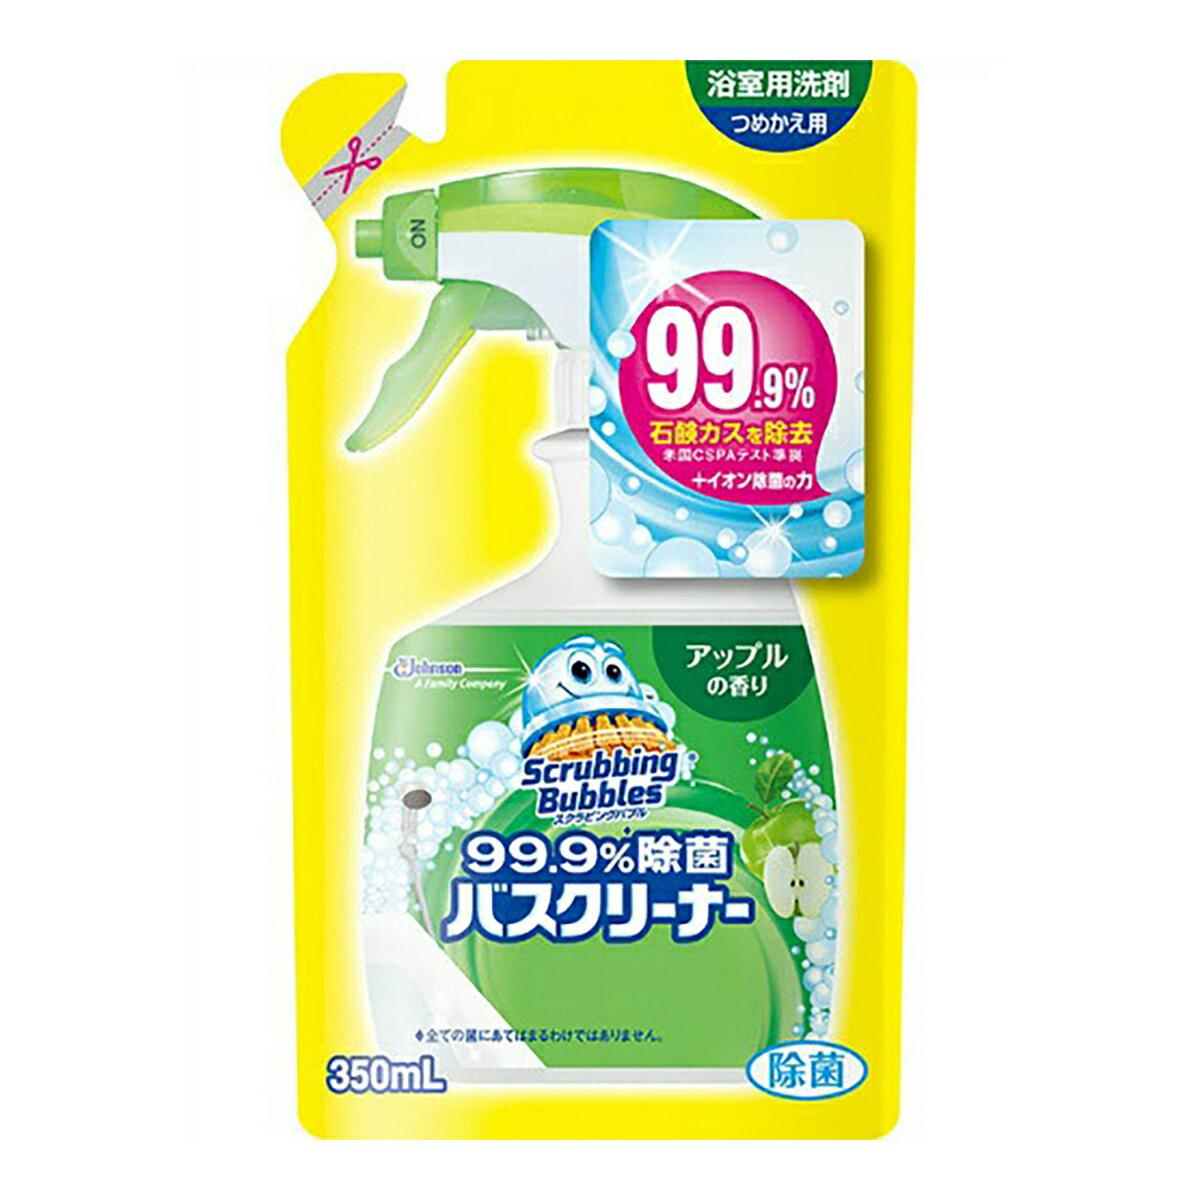 【水曜得々市3/20】 スクラビングバブル 99.9%除菌 バスクリーナー アップルの香り 詰替 350ml